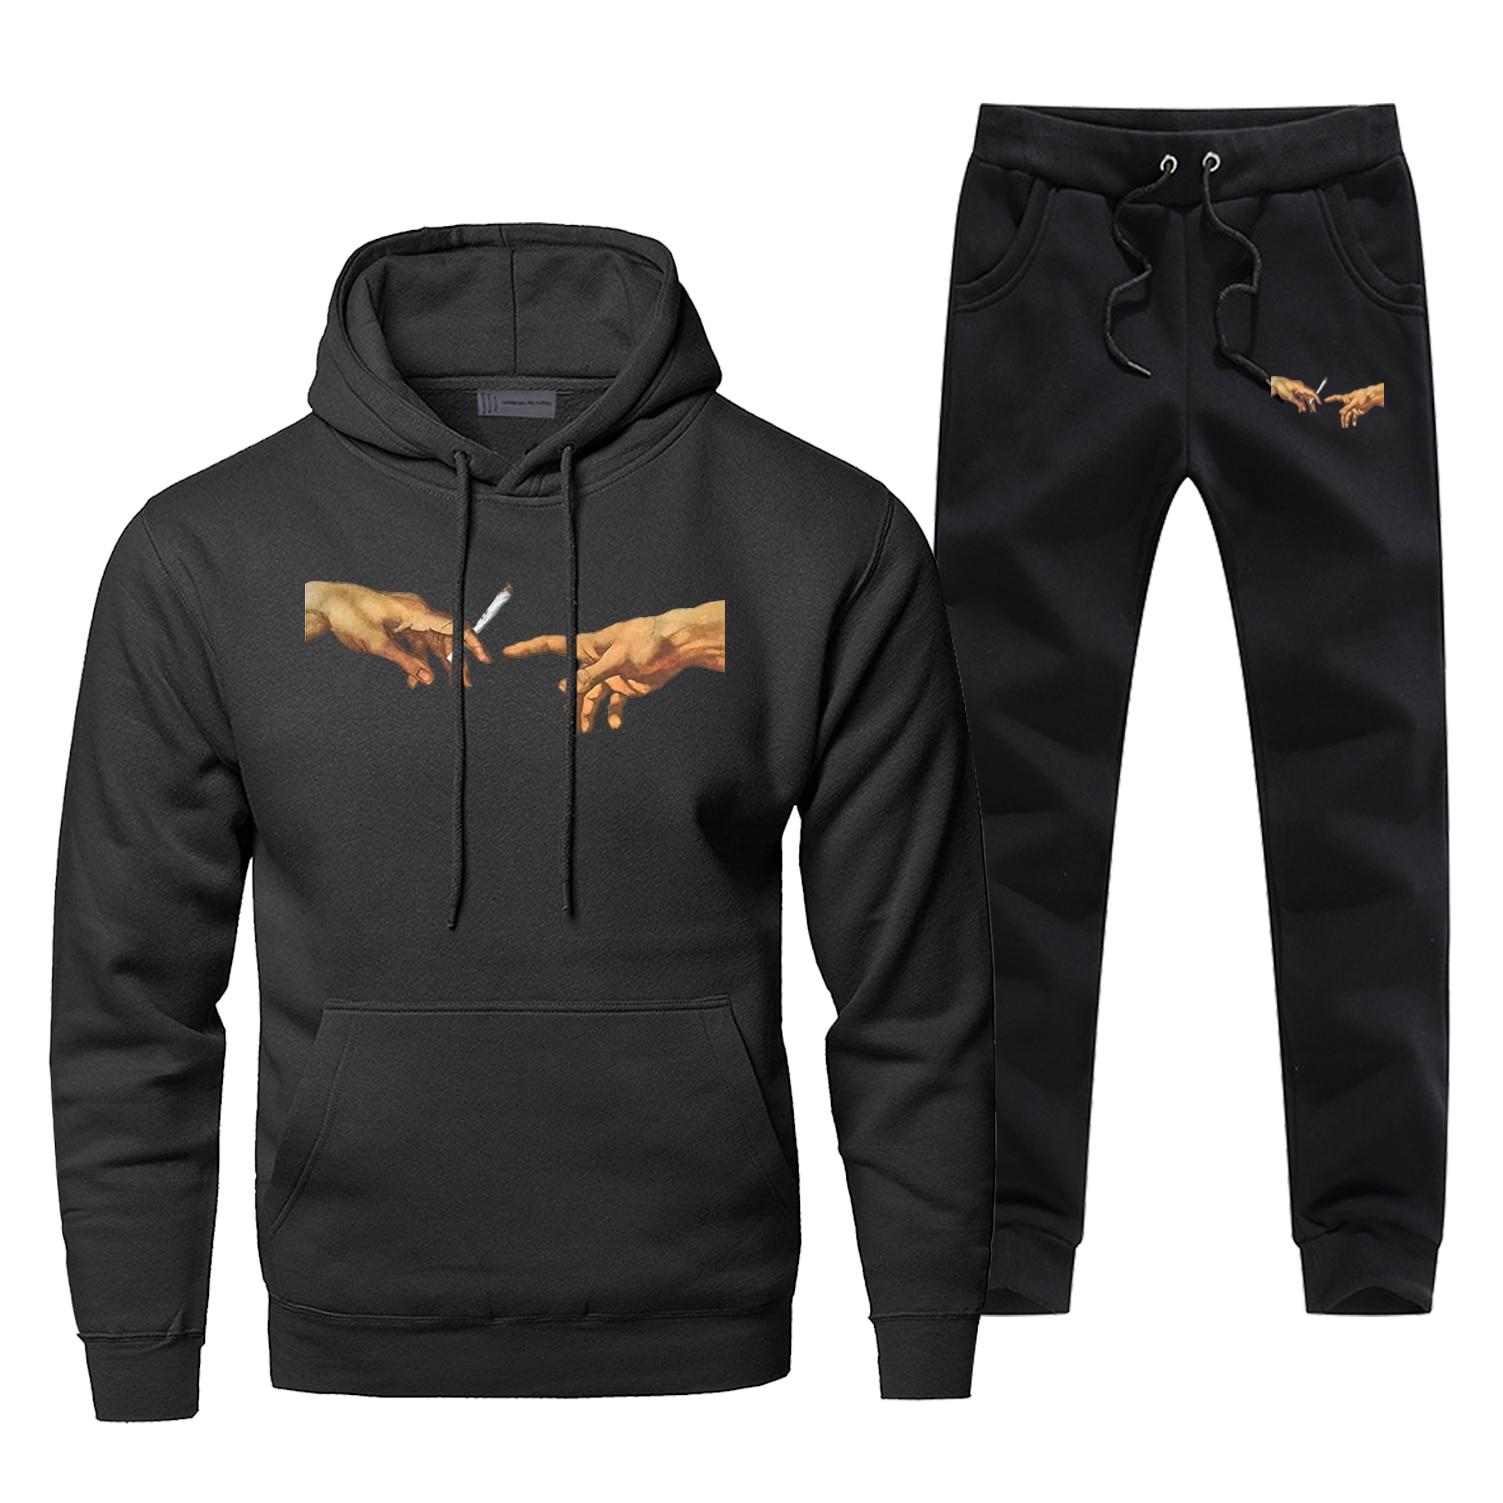 Michelangelo Hoodies Pants Set Men  Genesis Hoodie Sweatshirt Men Hiphop Hoodies Pollover 2Pcs Streetwear Male Funny Sweatshirts